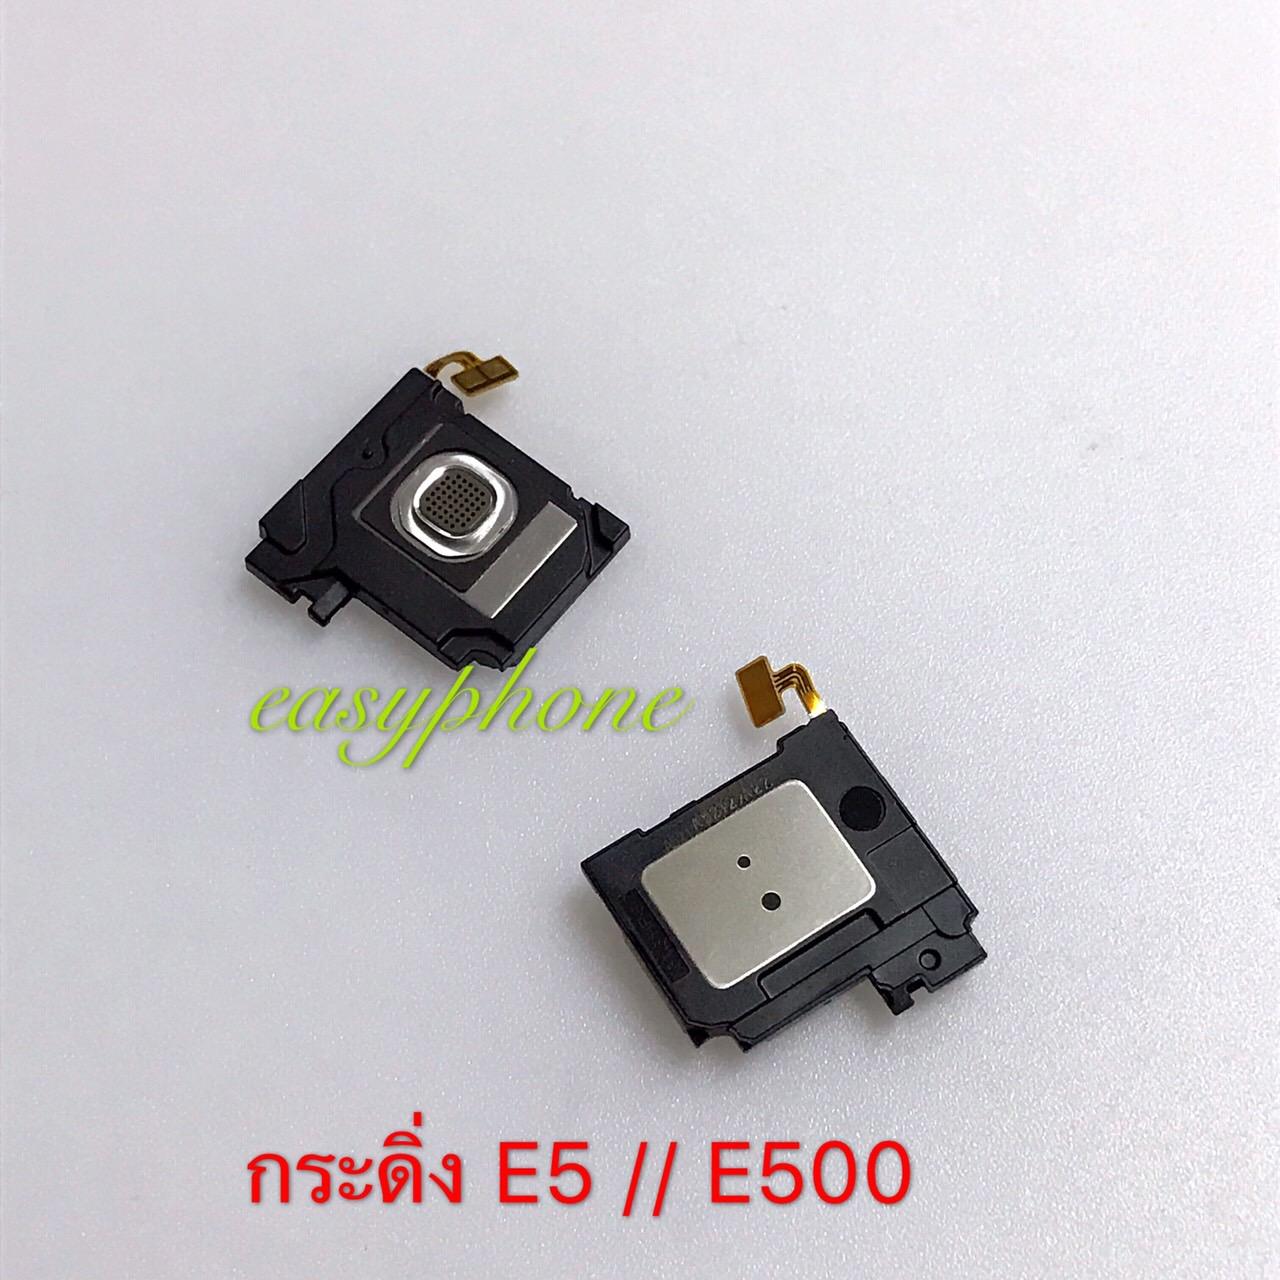 กระดิ่ง Samsung E5 // E500